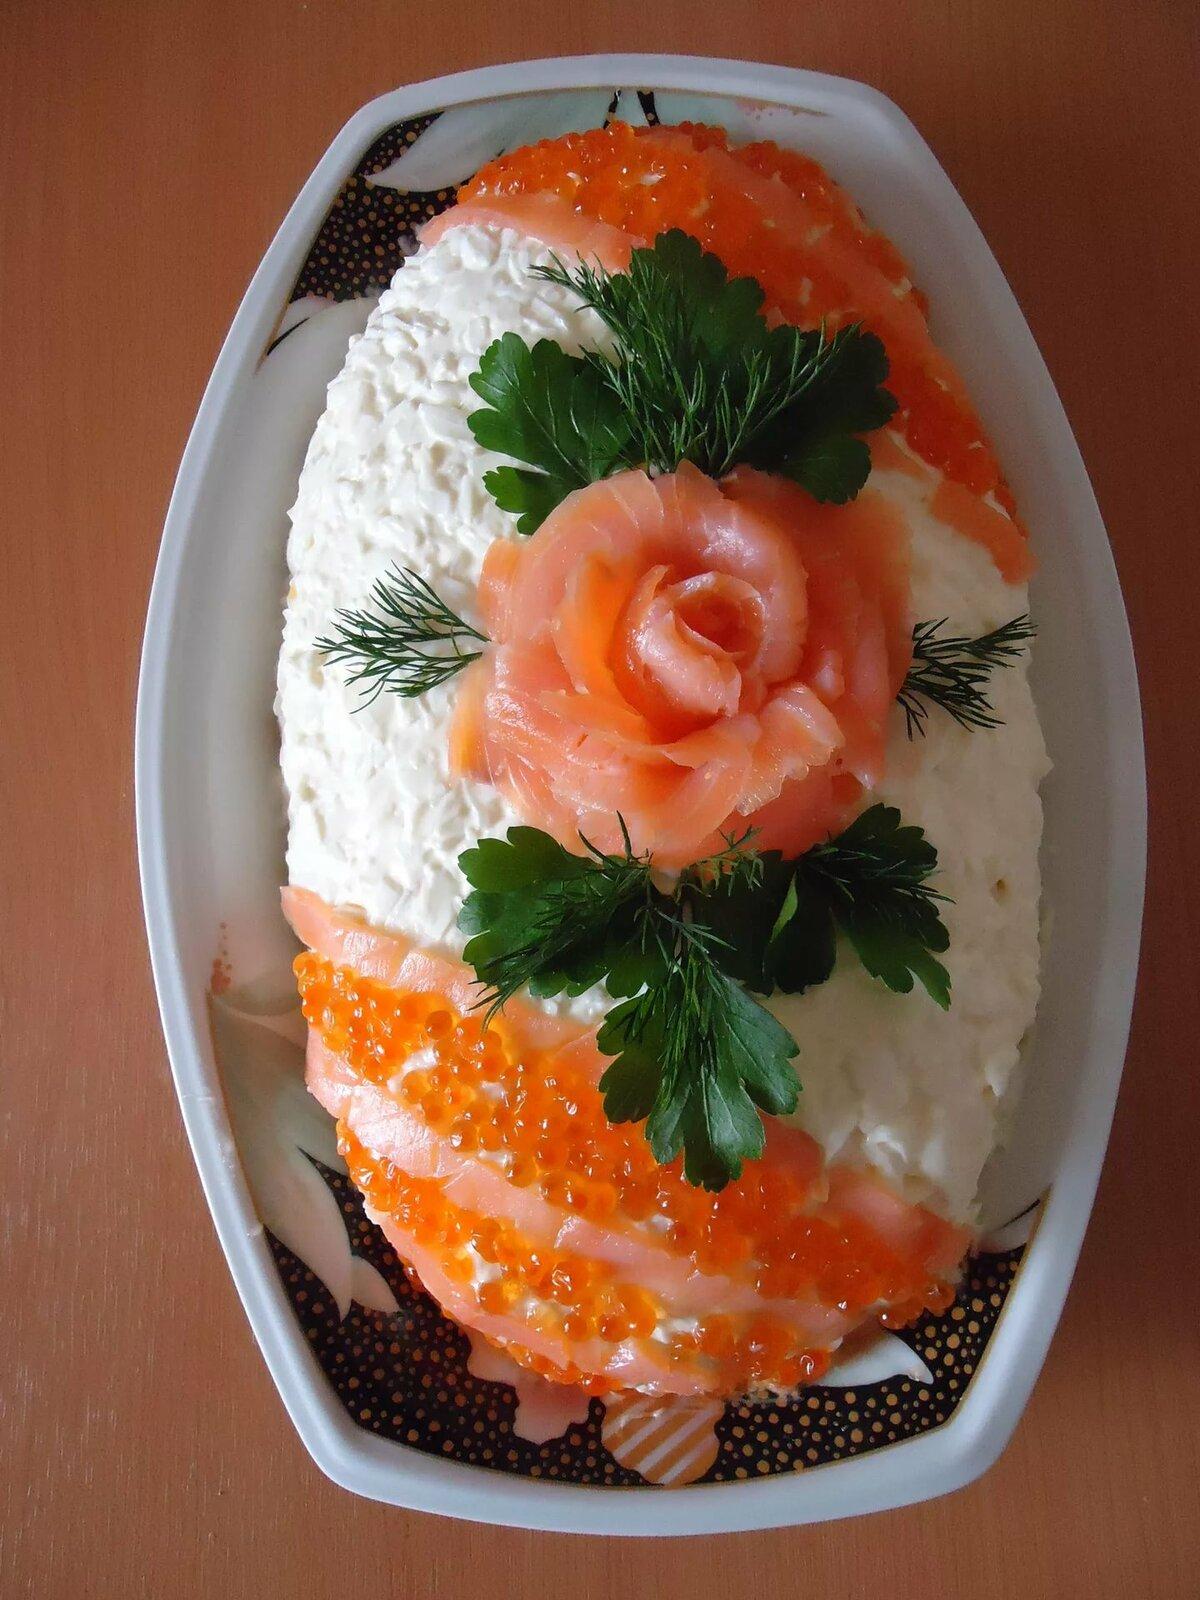 если снимок лучшие самые новые рецепты пошаговое фото красивый очень необычный